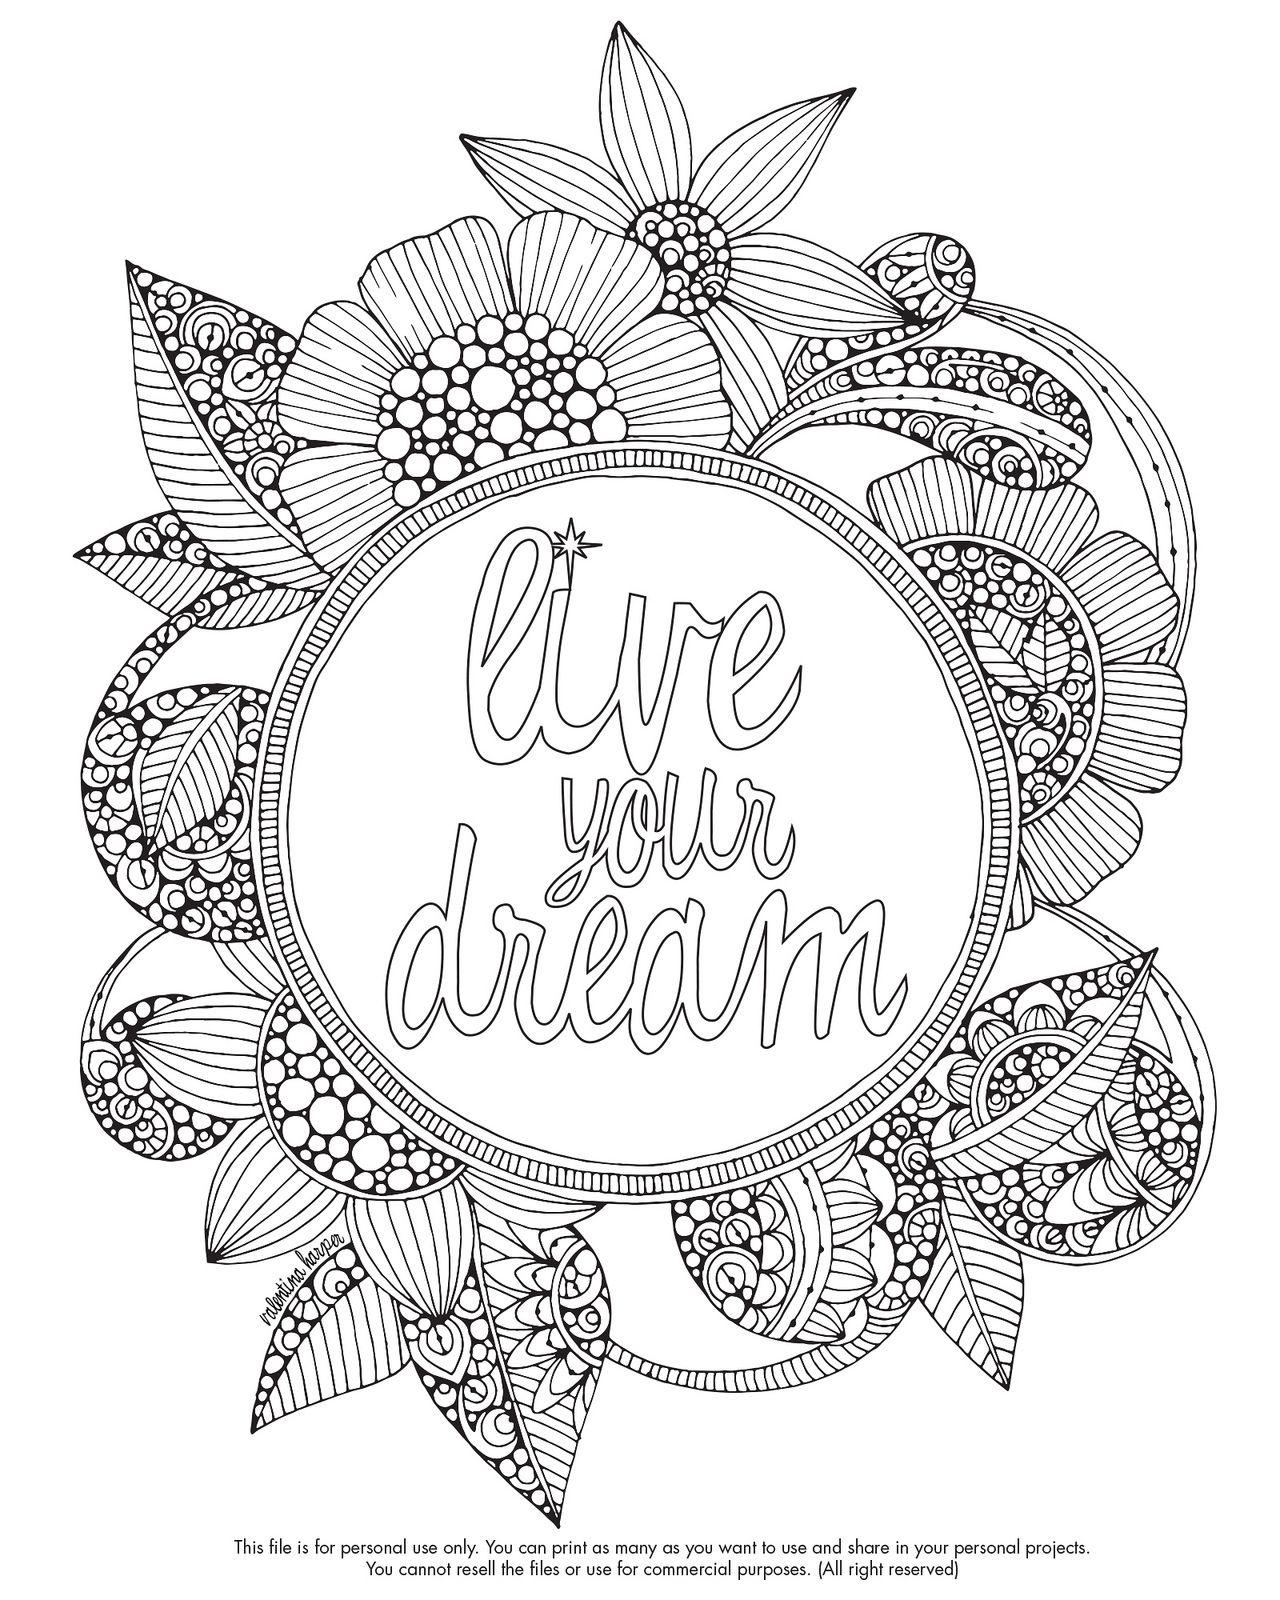 Live your dream! | Carátulas para cuadernos, Mandalas y Colorin